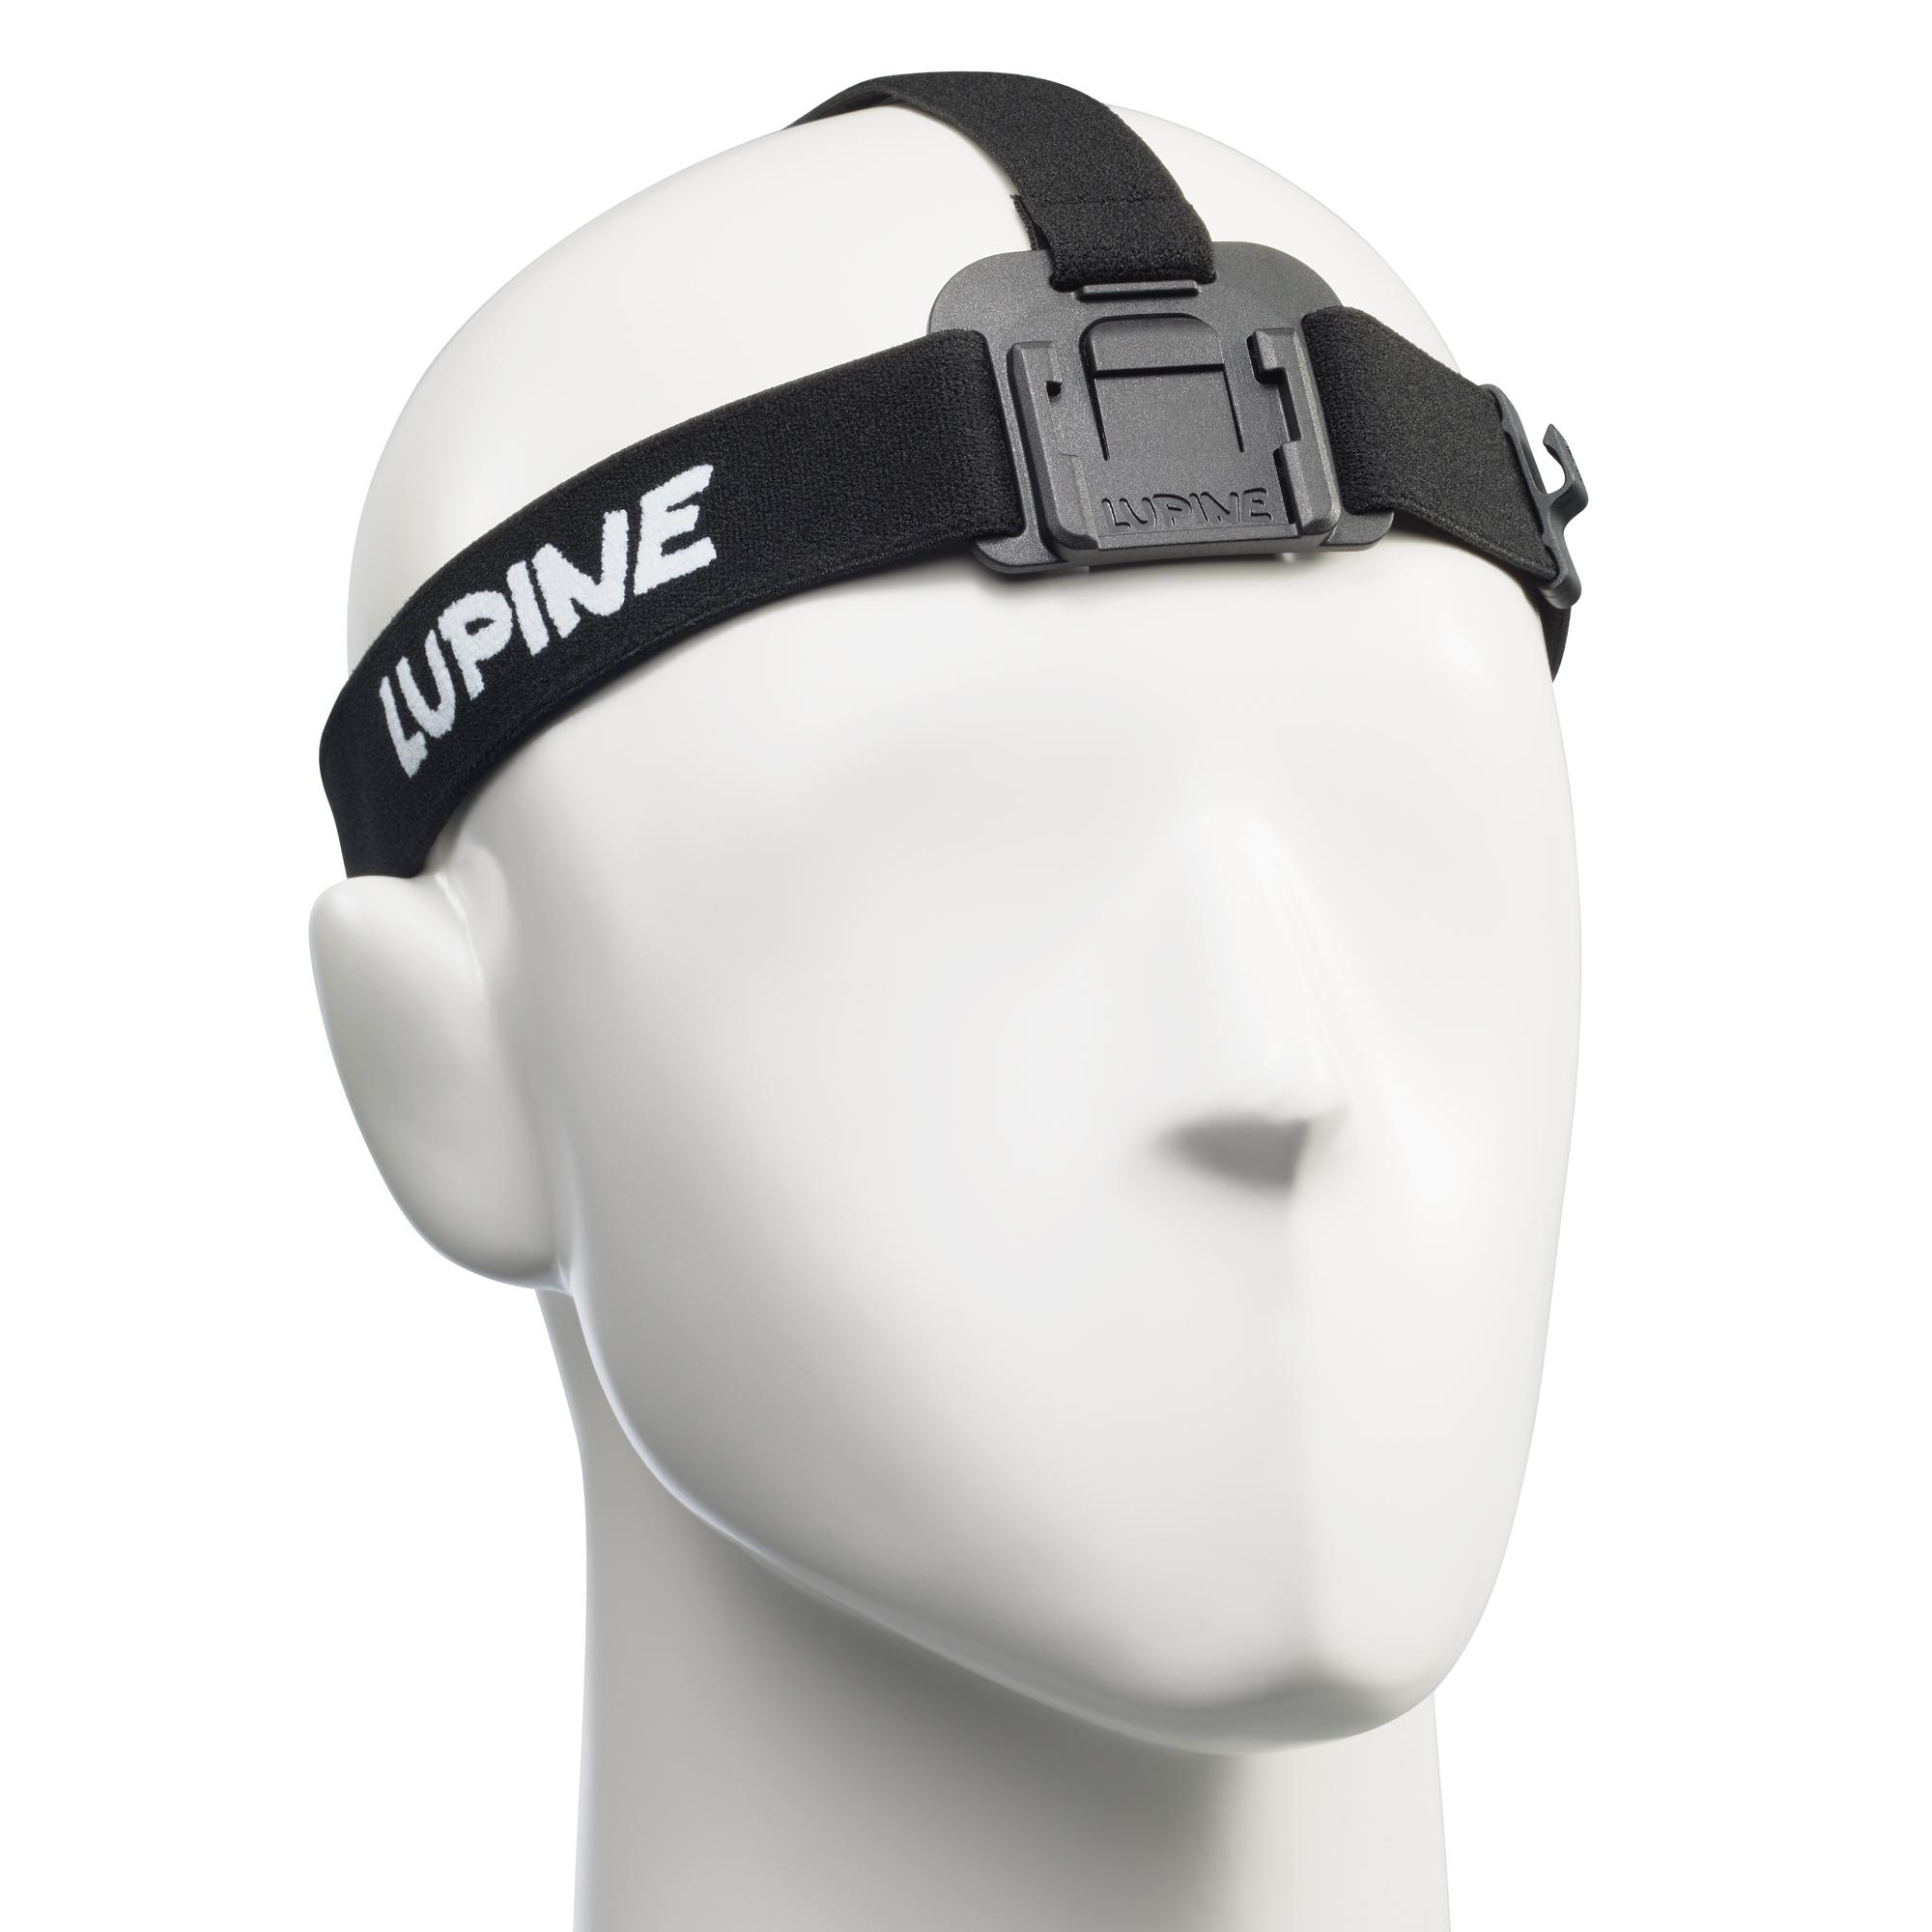 Lupine Stirnband Piko/Piko R schwarz, FastClick Halterung